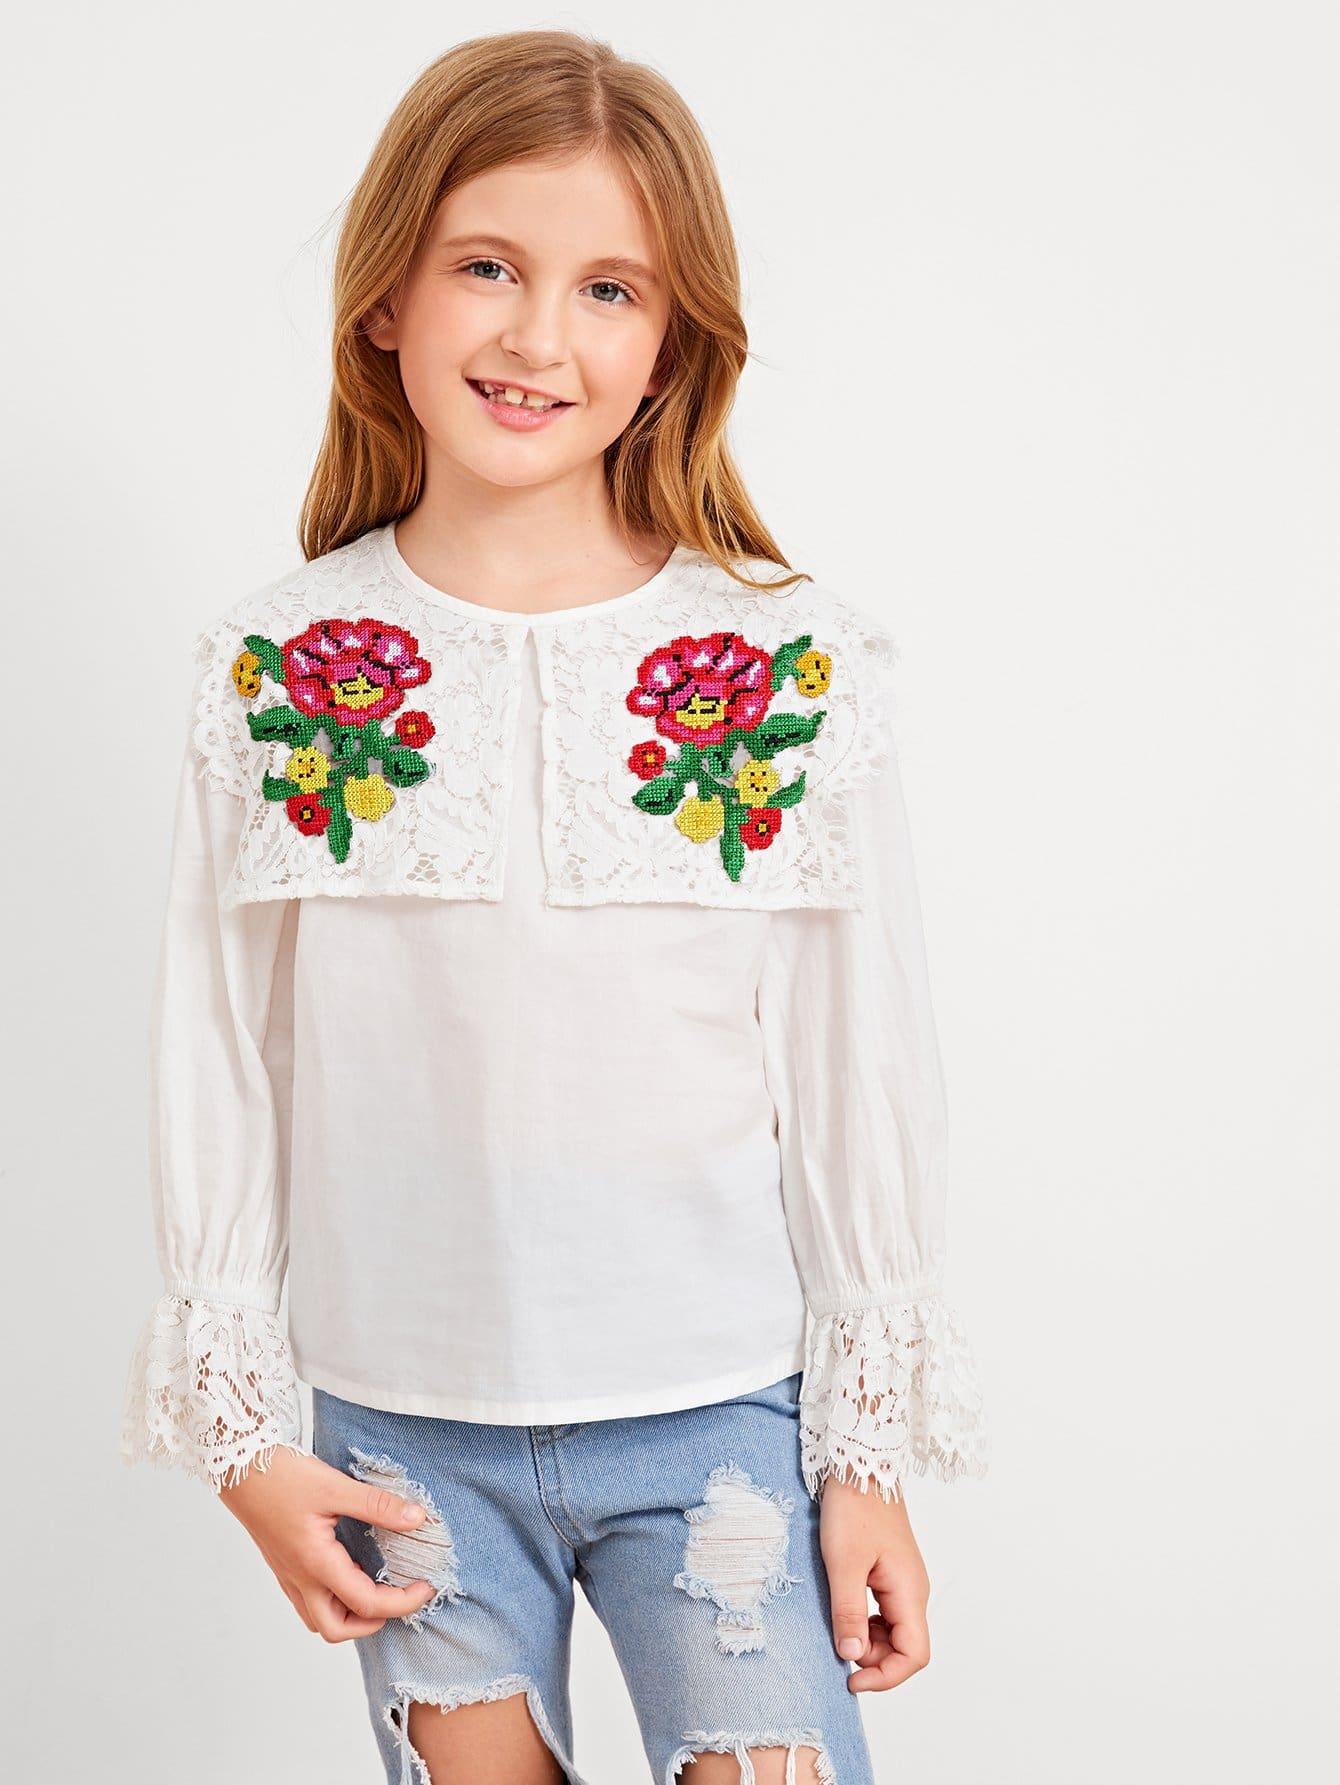 Купить Ситцевая вышитая блузка со симметрическими кружевами для девочки, Dariab, SheIn